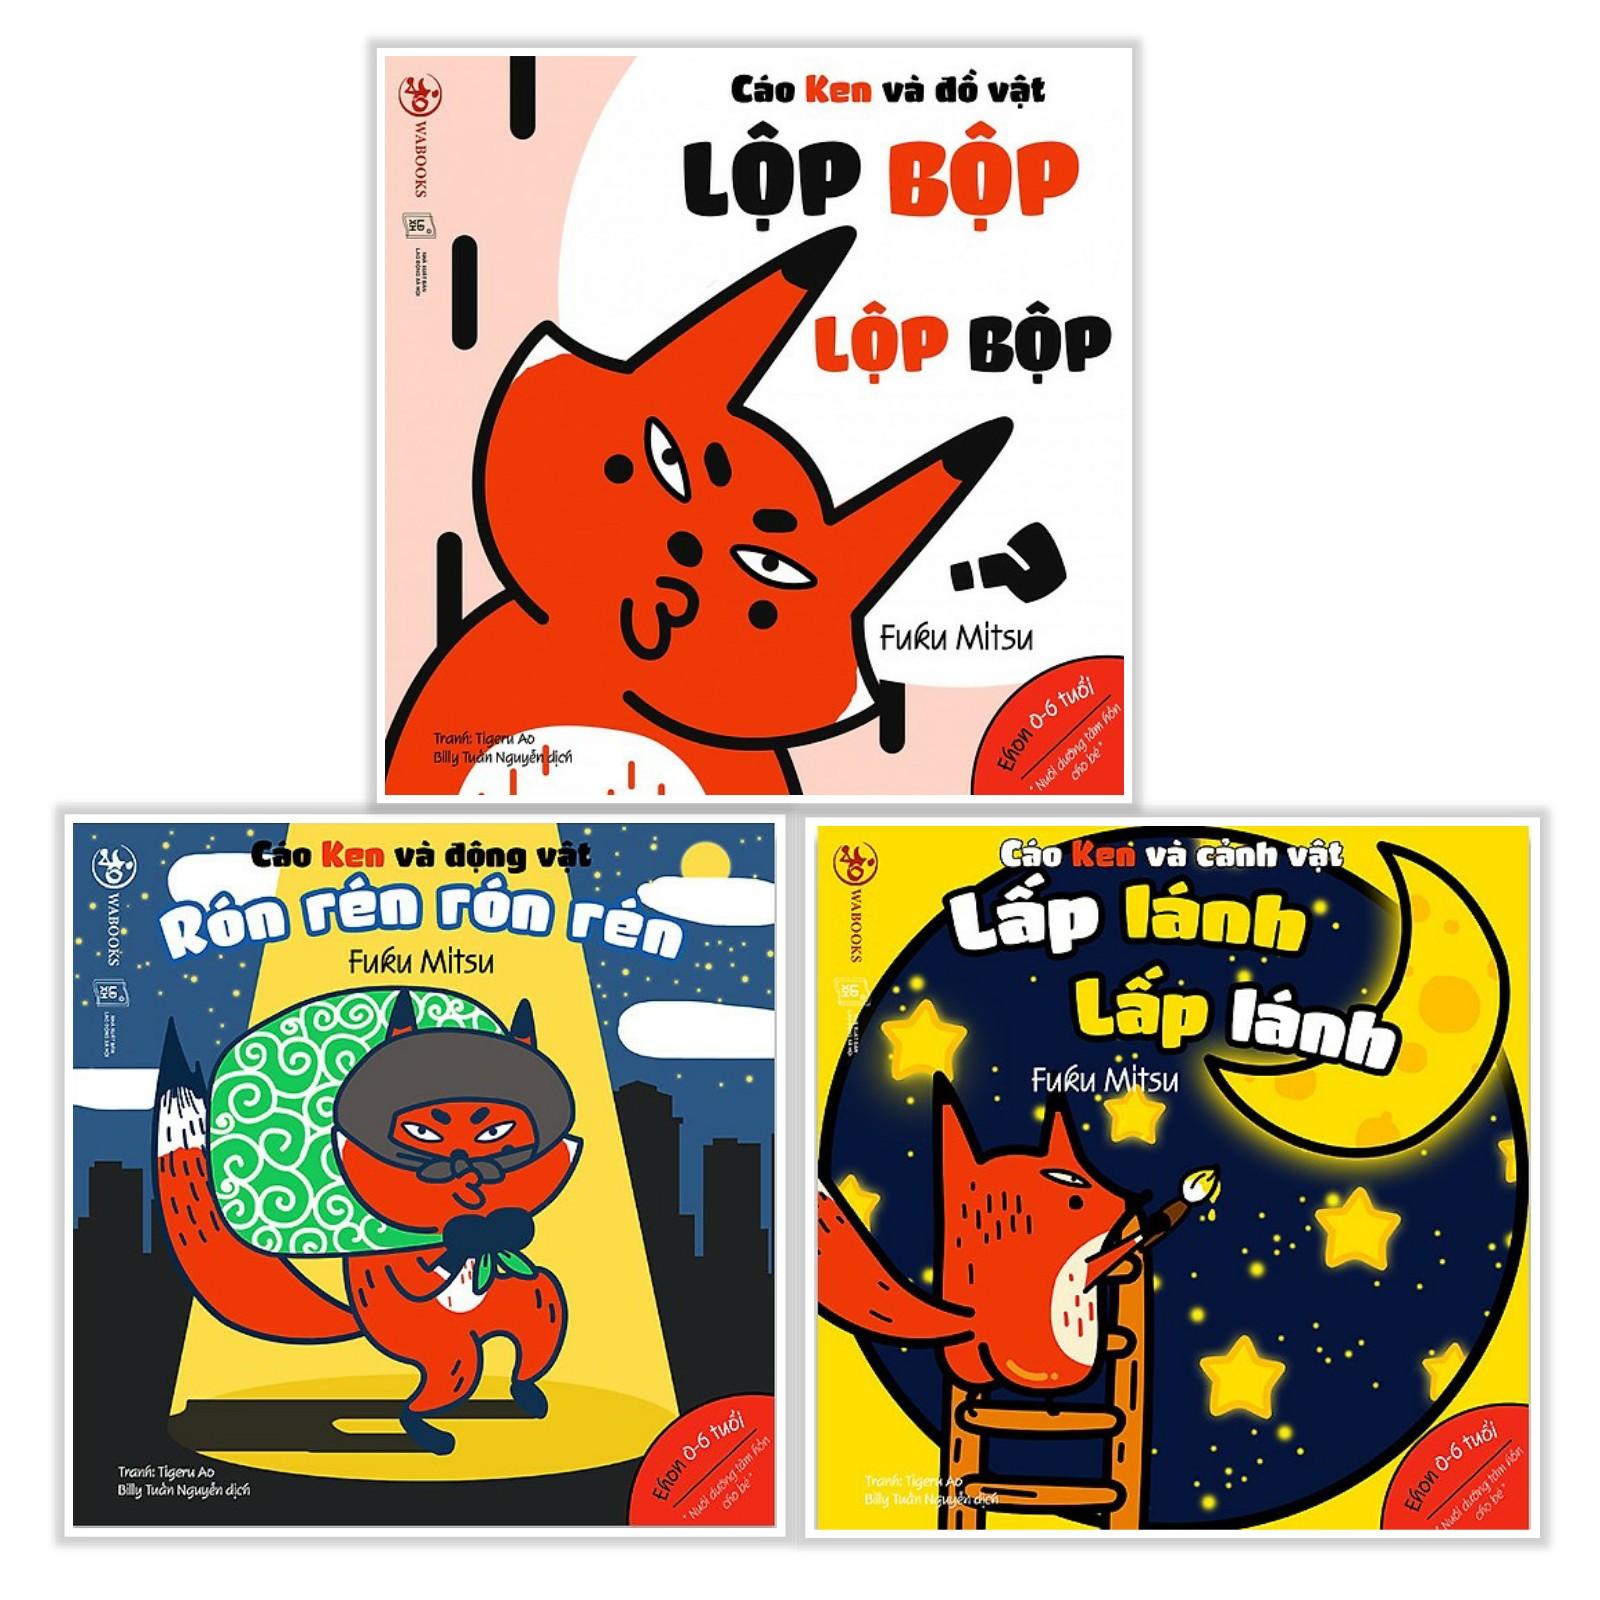 Combo Ehon Nhật Bản NHỮNG ĐIỀU KỲ DIỆU CỦA ÂM THANH: Lộp Bộp Lộp Bộp + Rón Rén Rón Rén + Lấp Lánh Lấp Lánh (Bộ 3 Cuốn Phát triển trí tuệ 0 - 6 tuổi/ Tặng kèm Bookmark Happy Life)